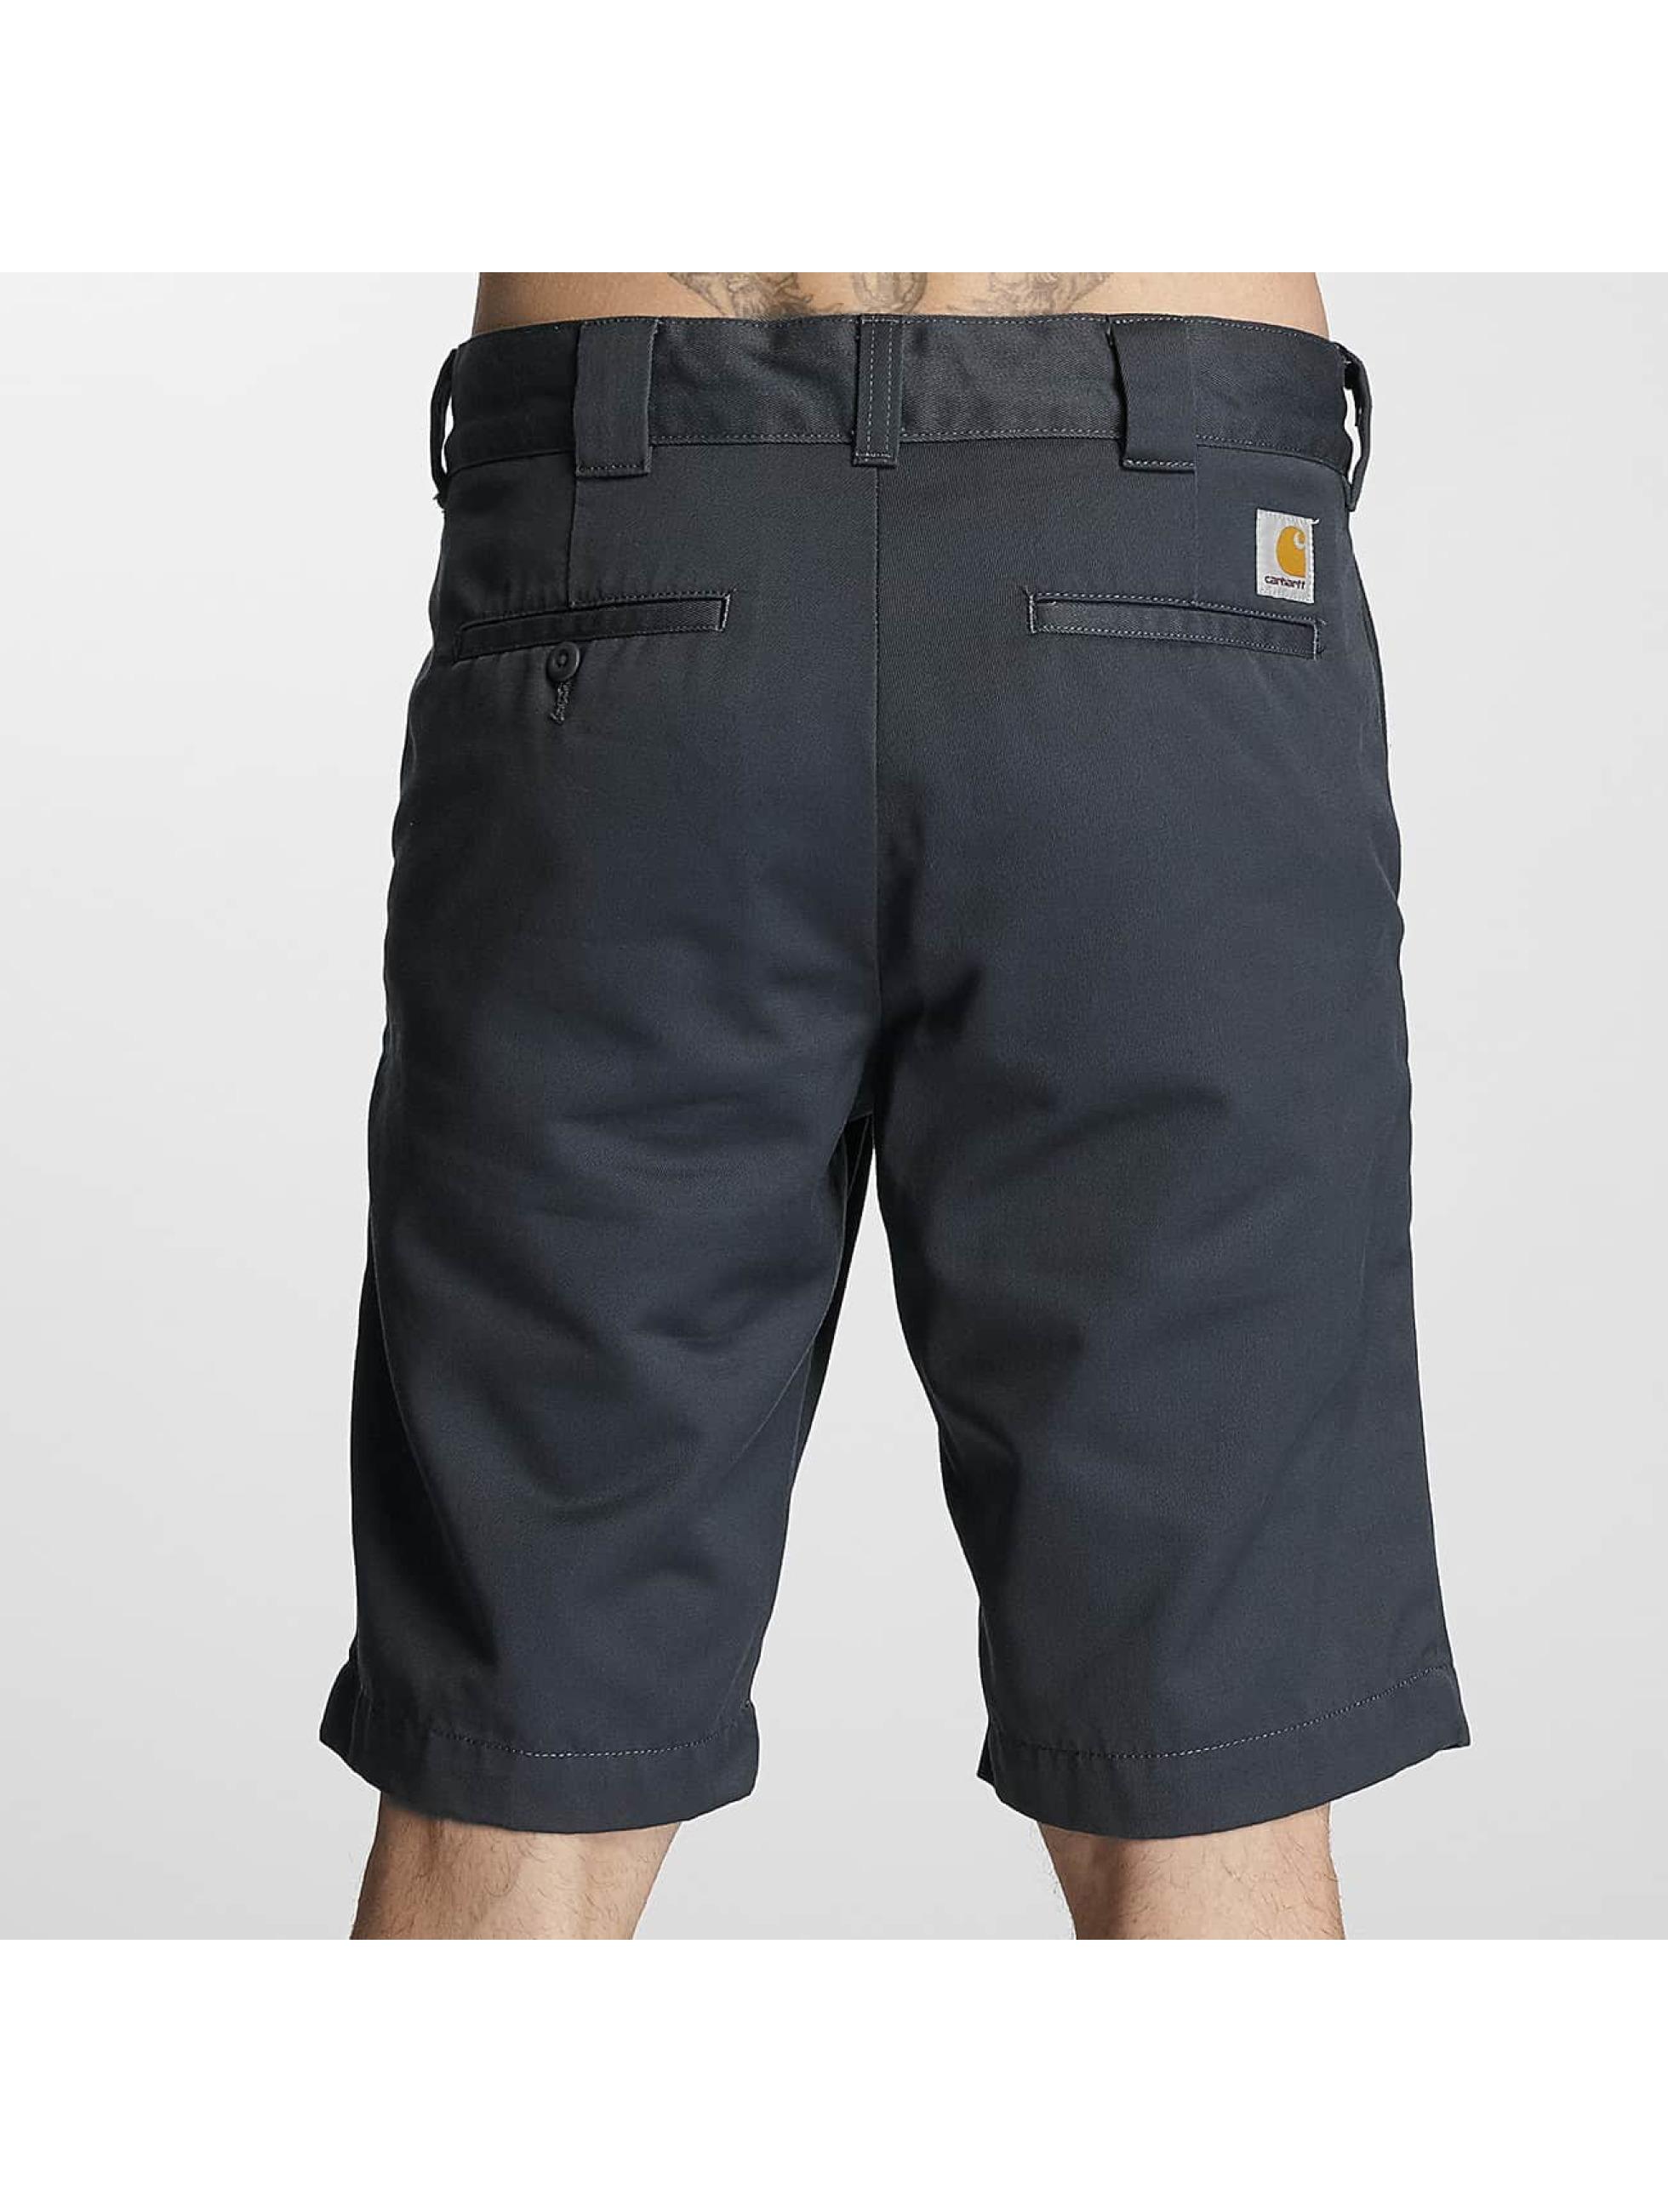 Carhartt WIP Short Master grey